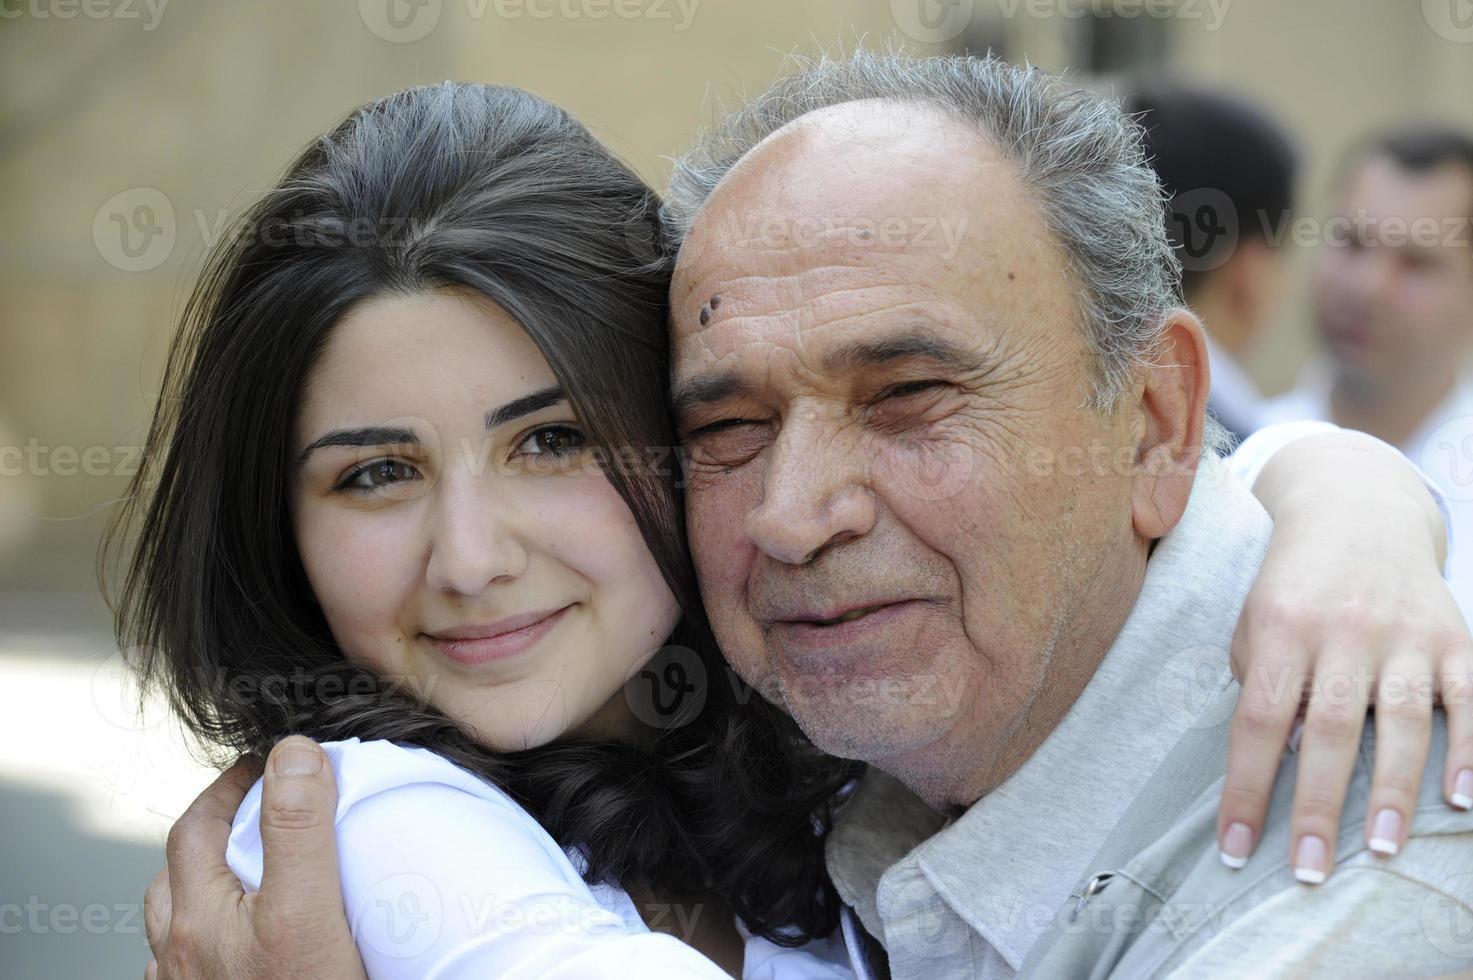 abraçando e sorrindo avô com neto foto